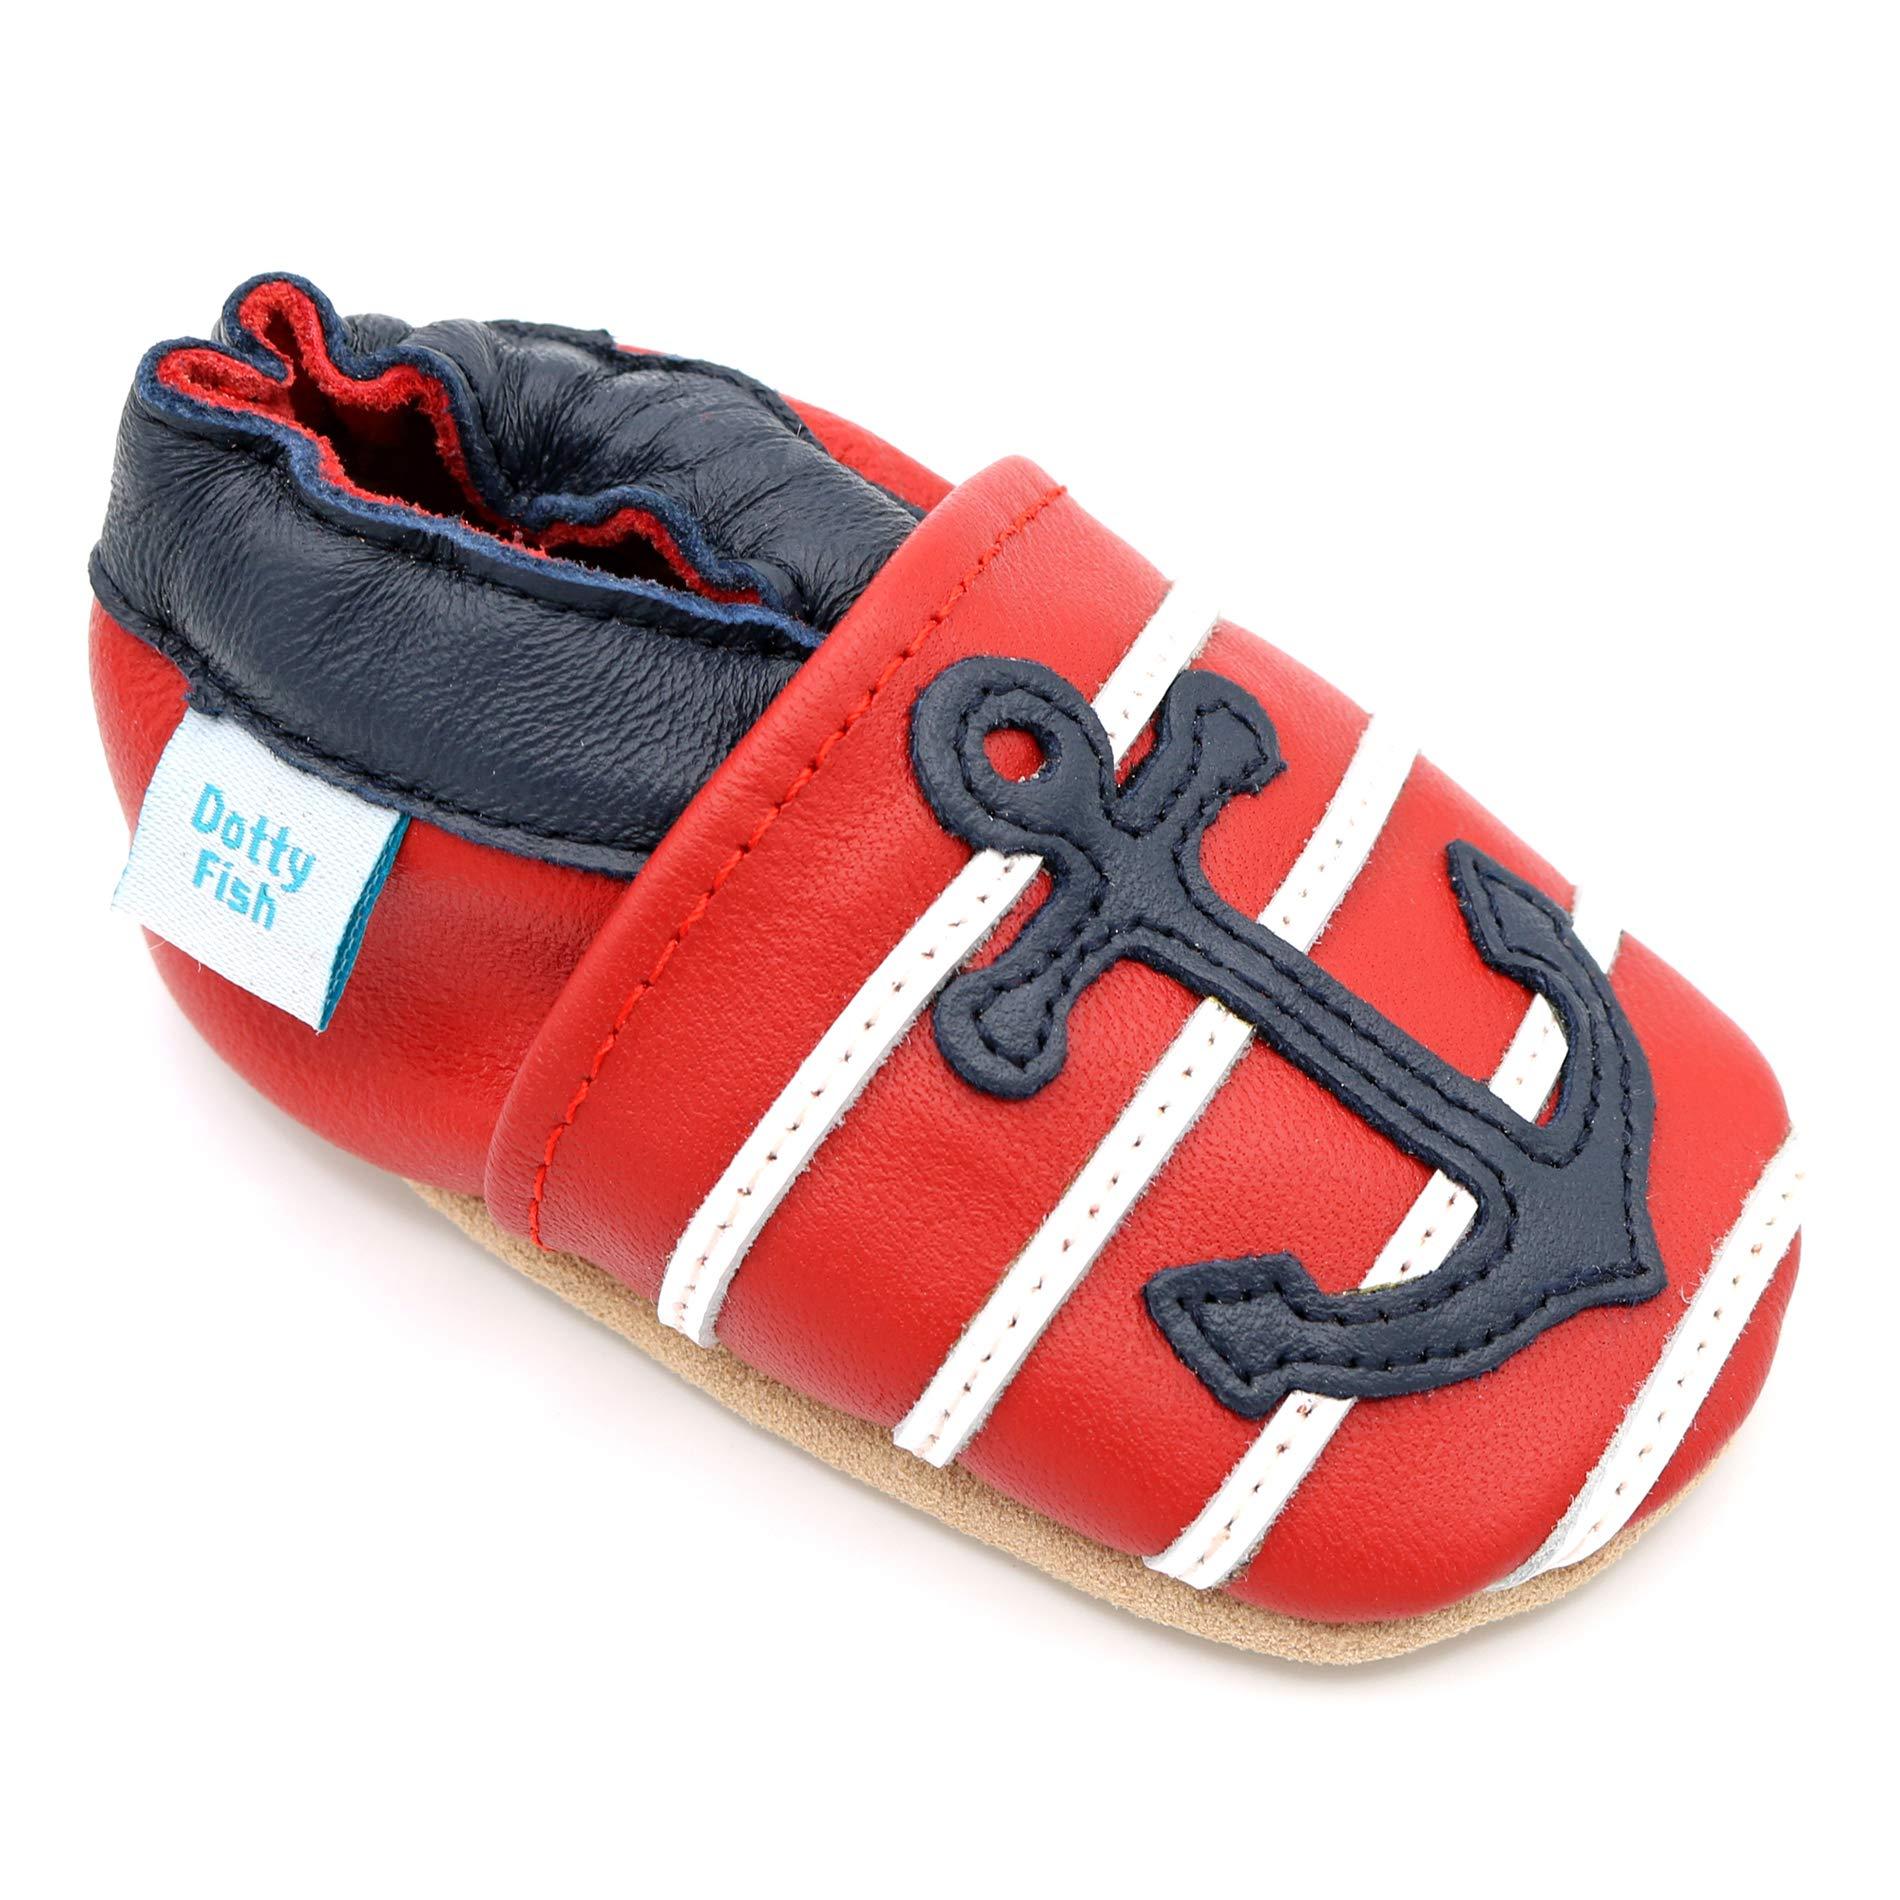 d724fb3926 Dotty Fish Chaussures Cuir Souple bébé et Bambin. 0-6 Mois - 4-